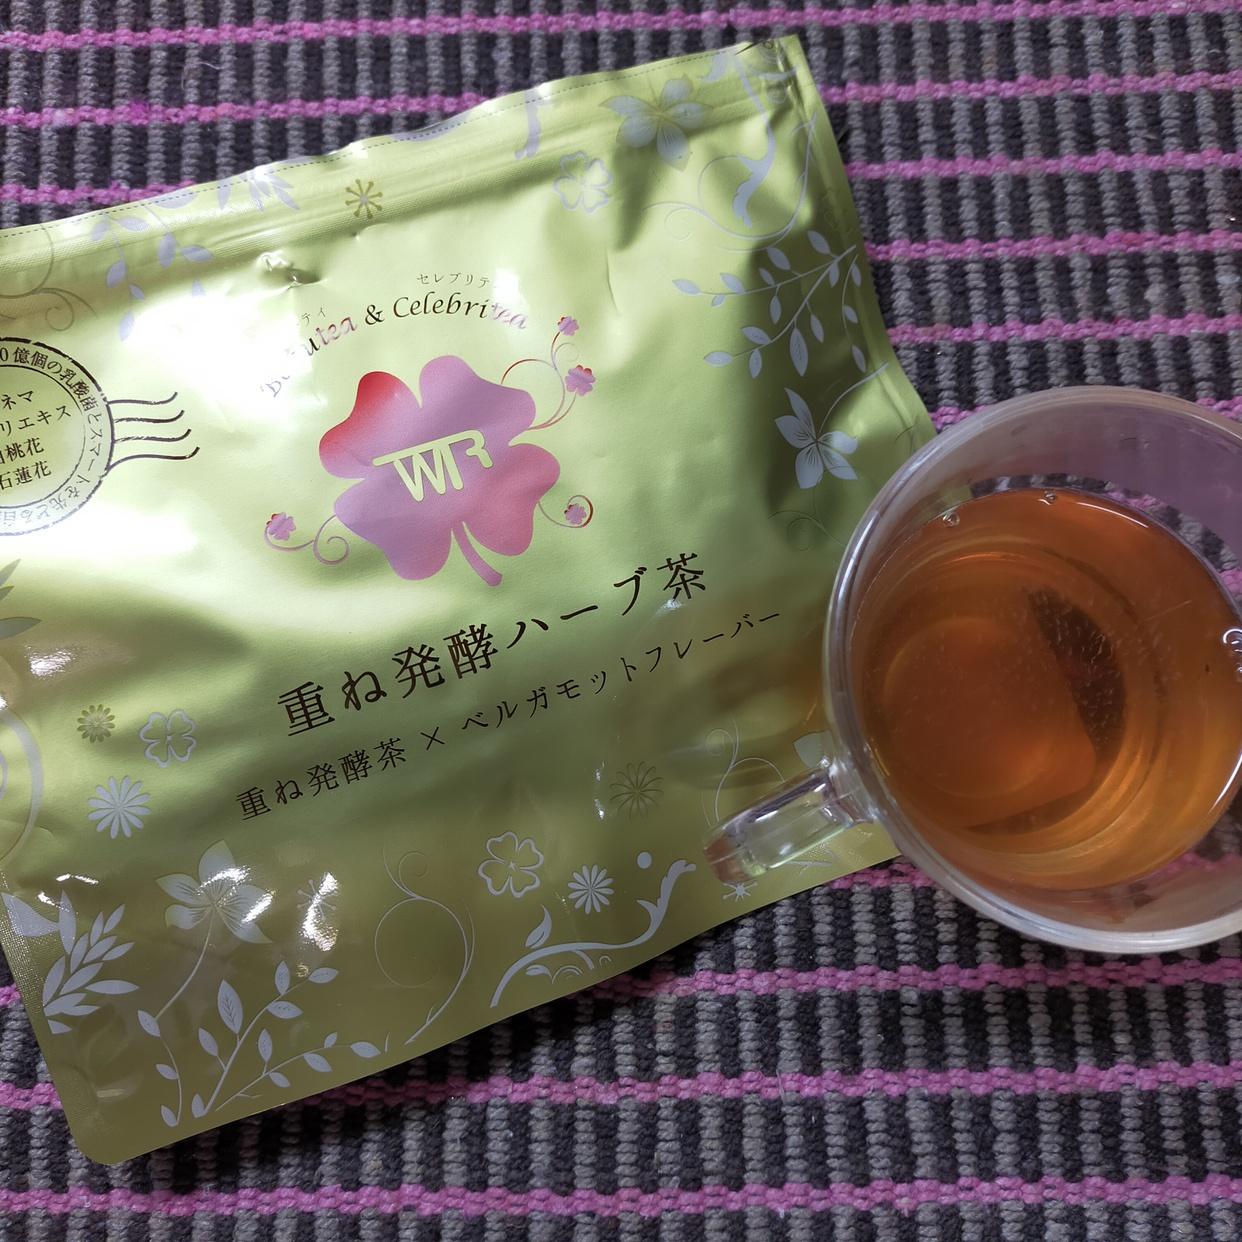 RUBAN BLANC(リュバンブラン) 重ね発酵ハーブ茶を使ったみこさんのクチコミ画像1